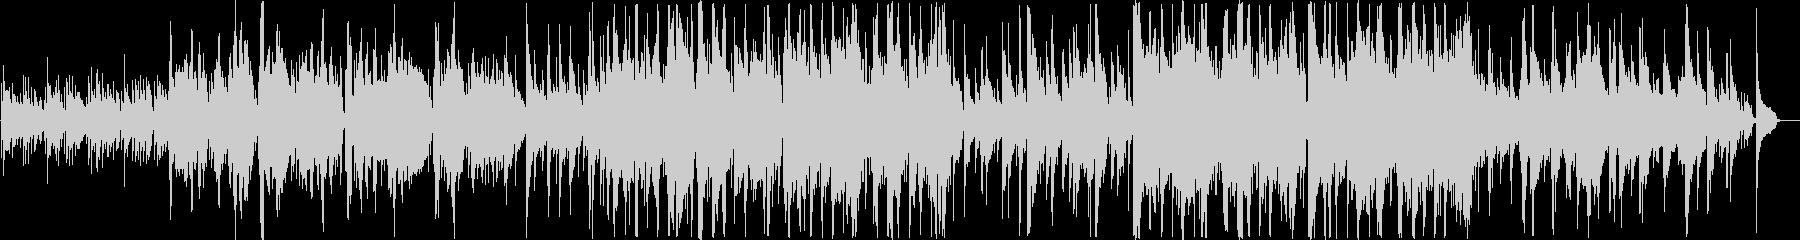 二胡による演奏の未再生の波形